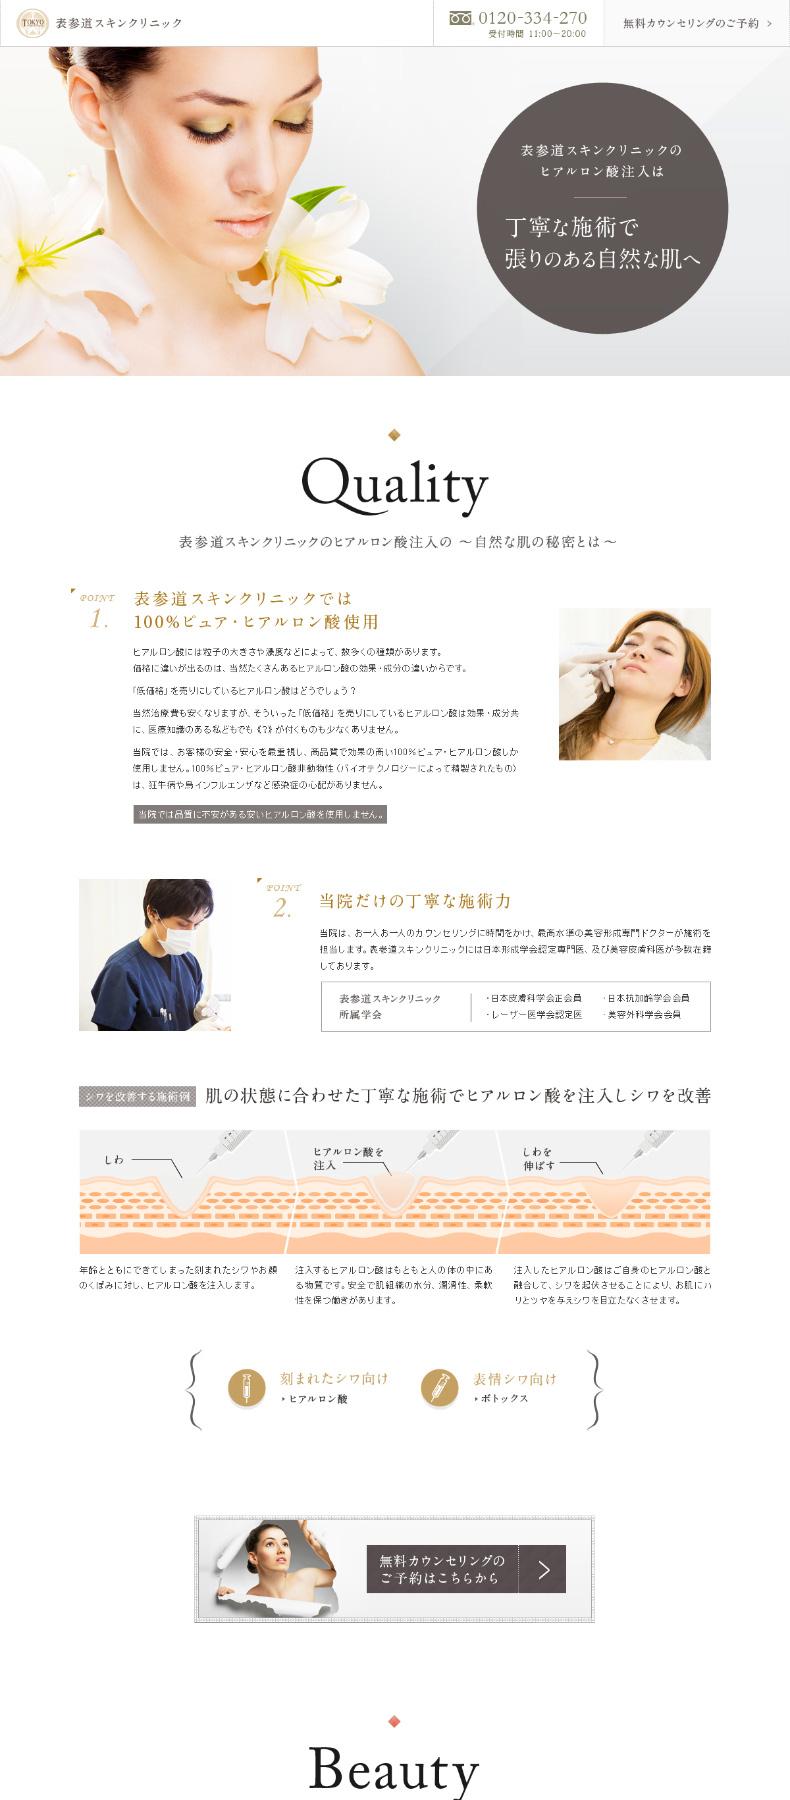 表参道スキンクリニック / コーポレートホームページ制作